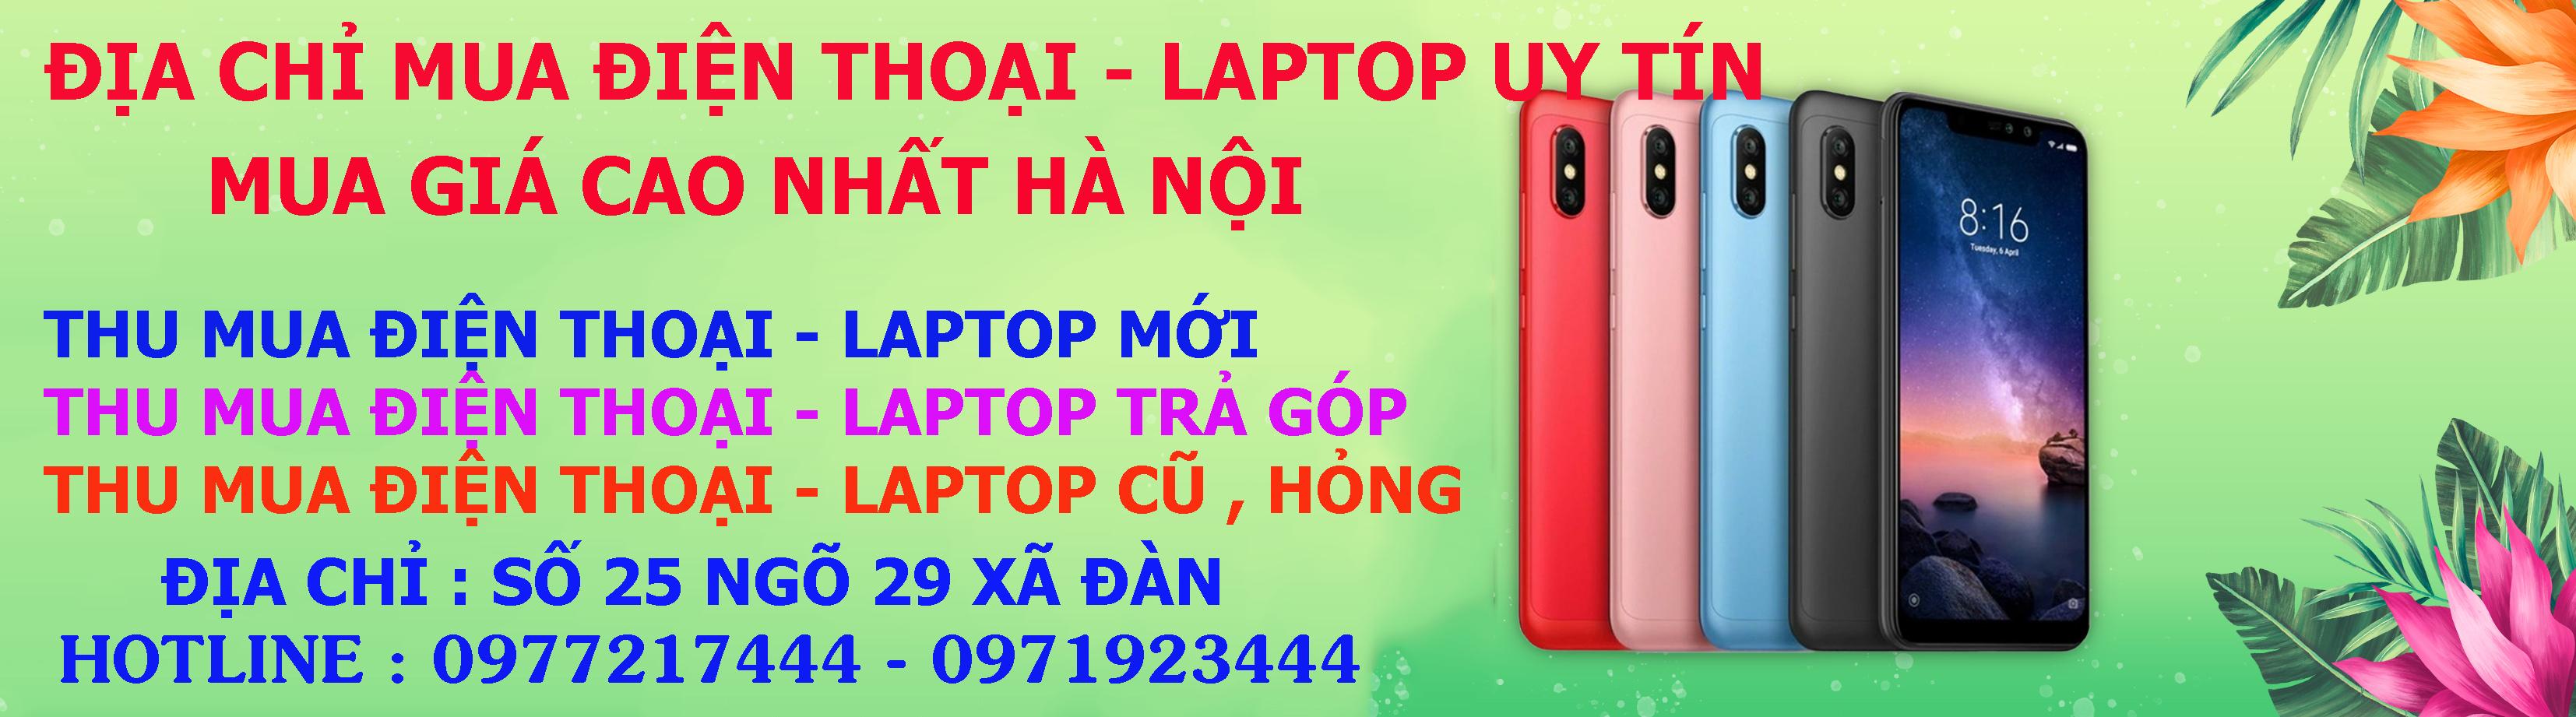 Thu mua điện thoại cũ giá cao nhất Hà Nội - Shop Công Nghệ 365+